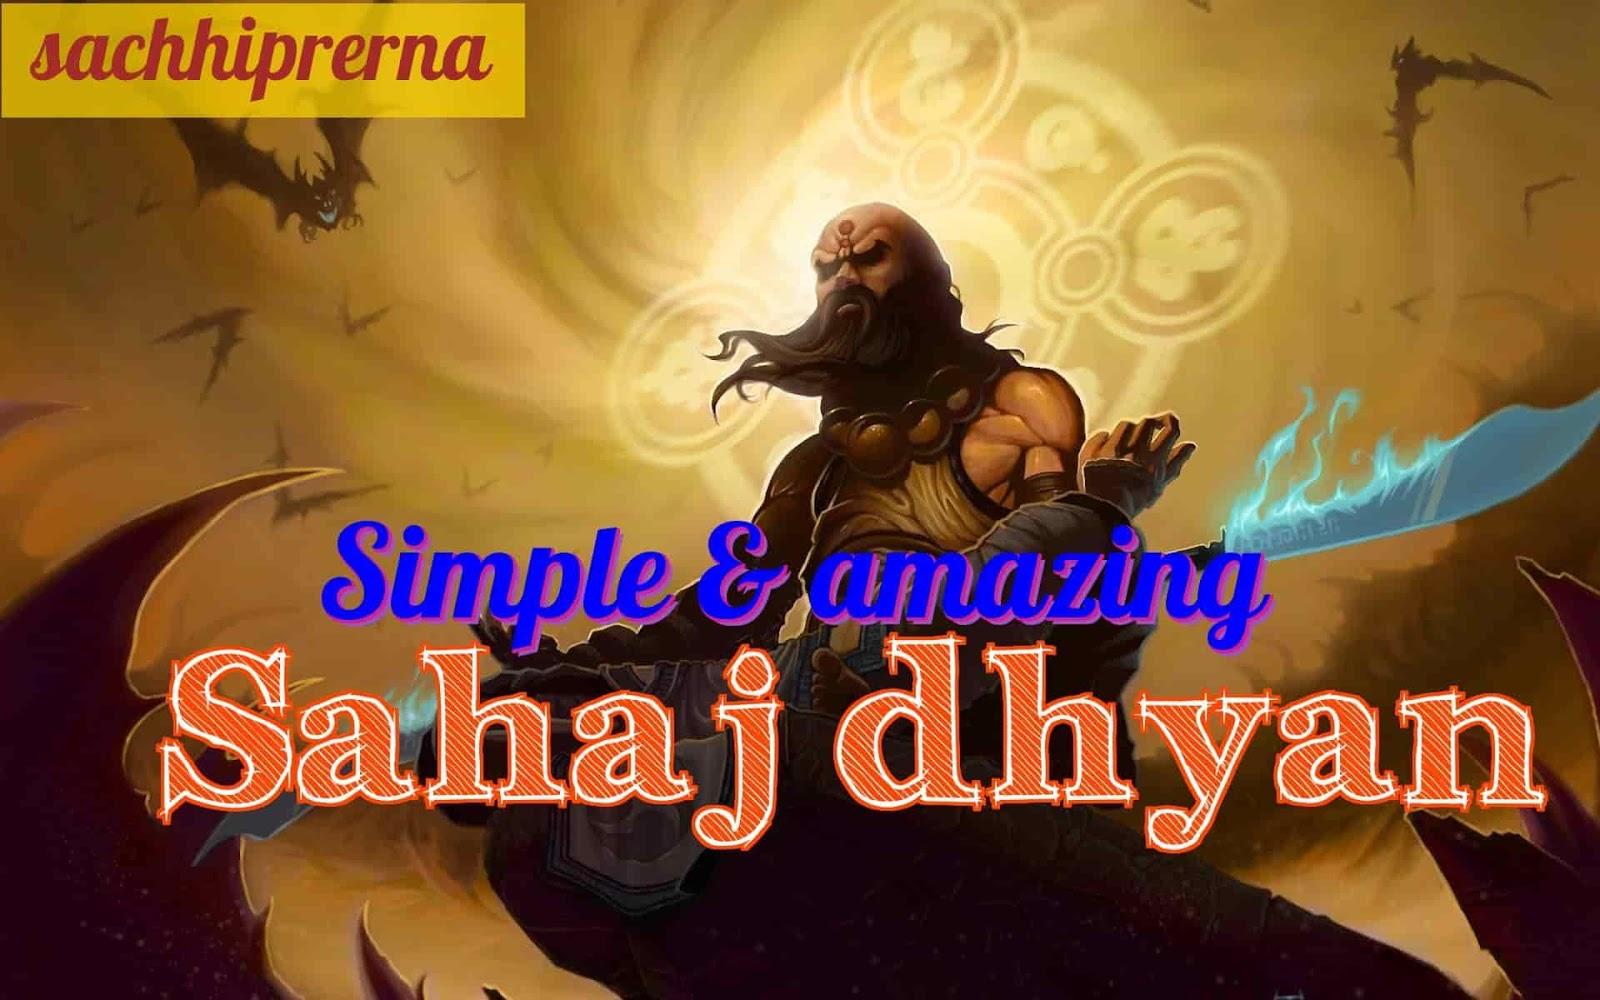 sahaj dhyan sachhiprerna